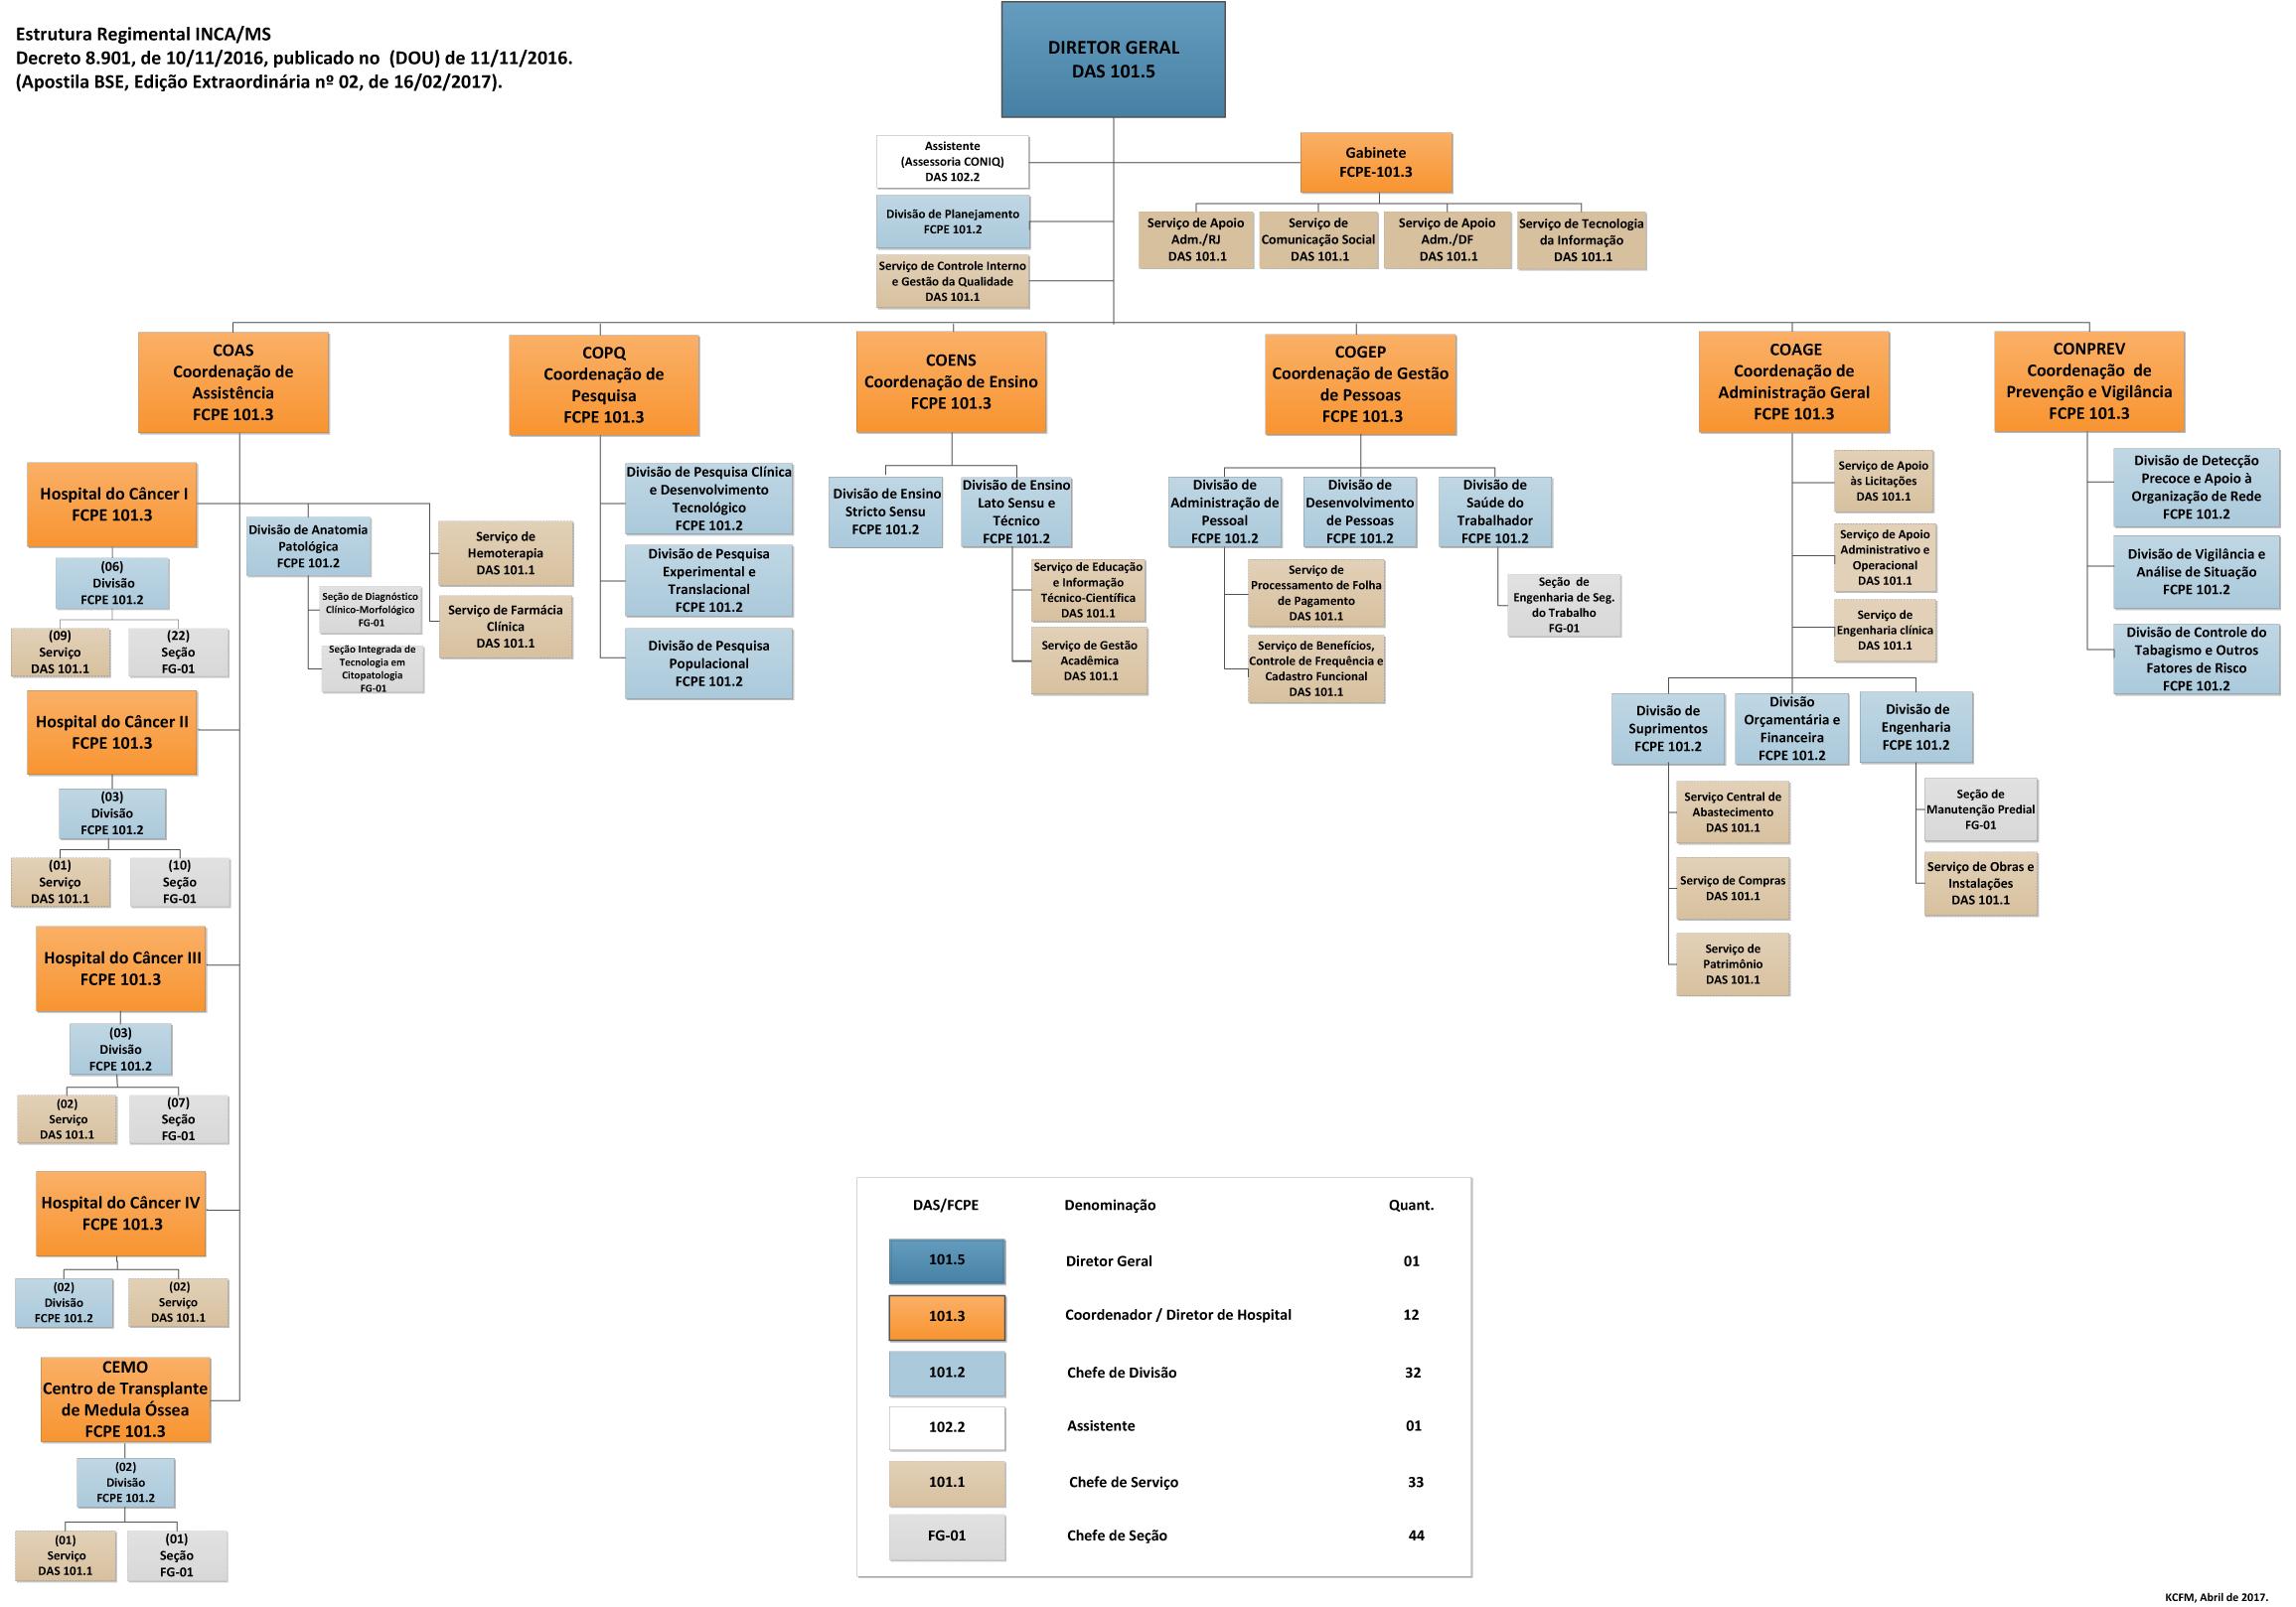 Organograma do Instituto Nacional de Câncer